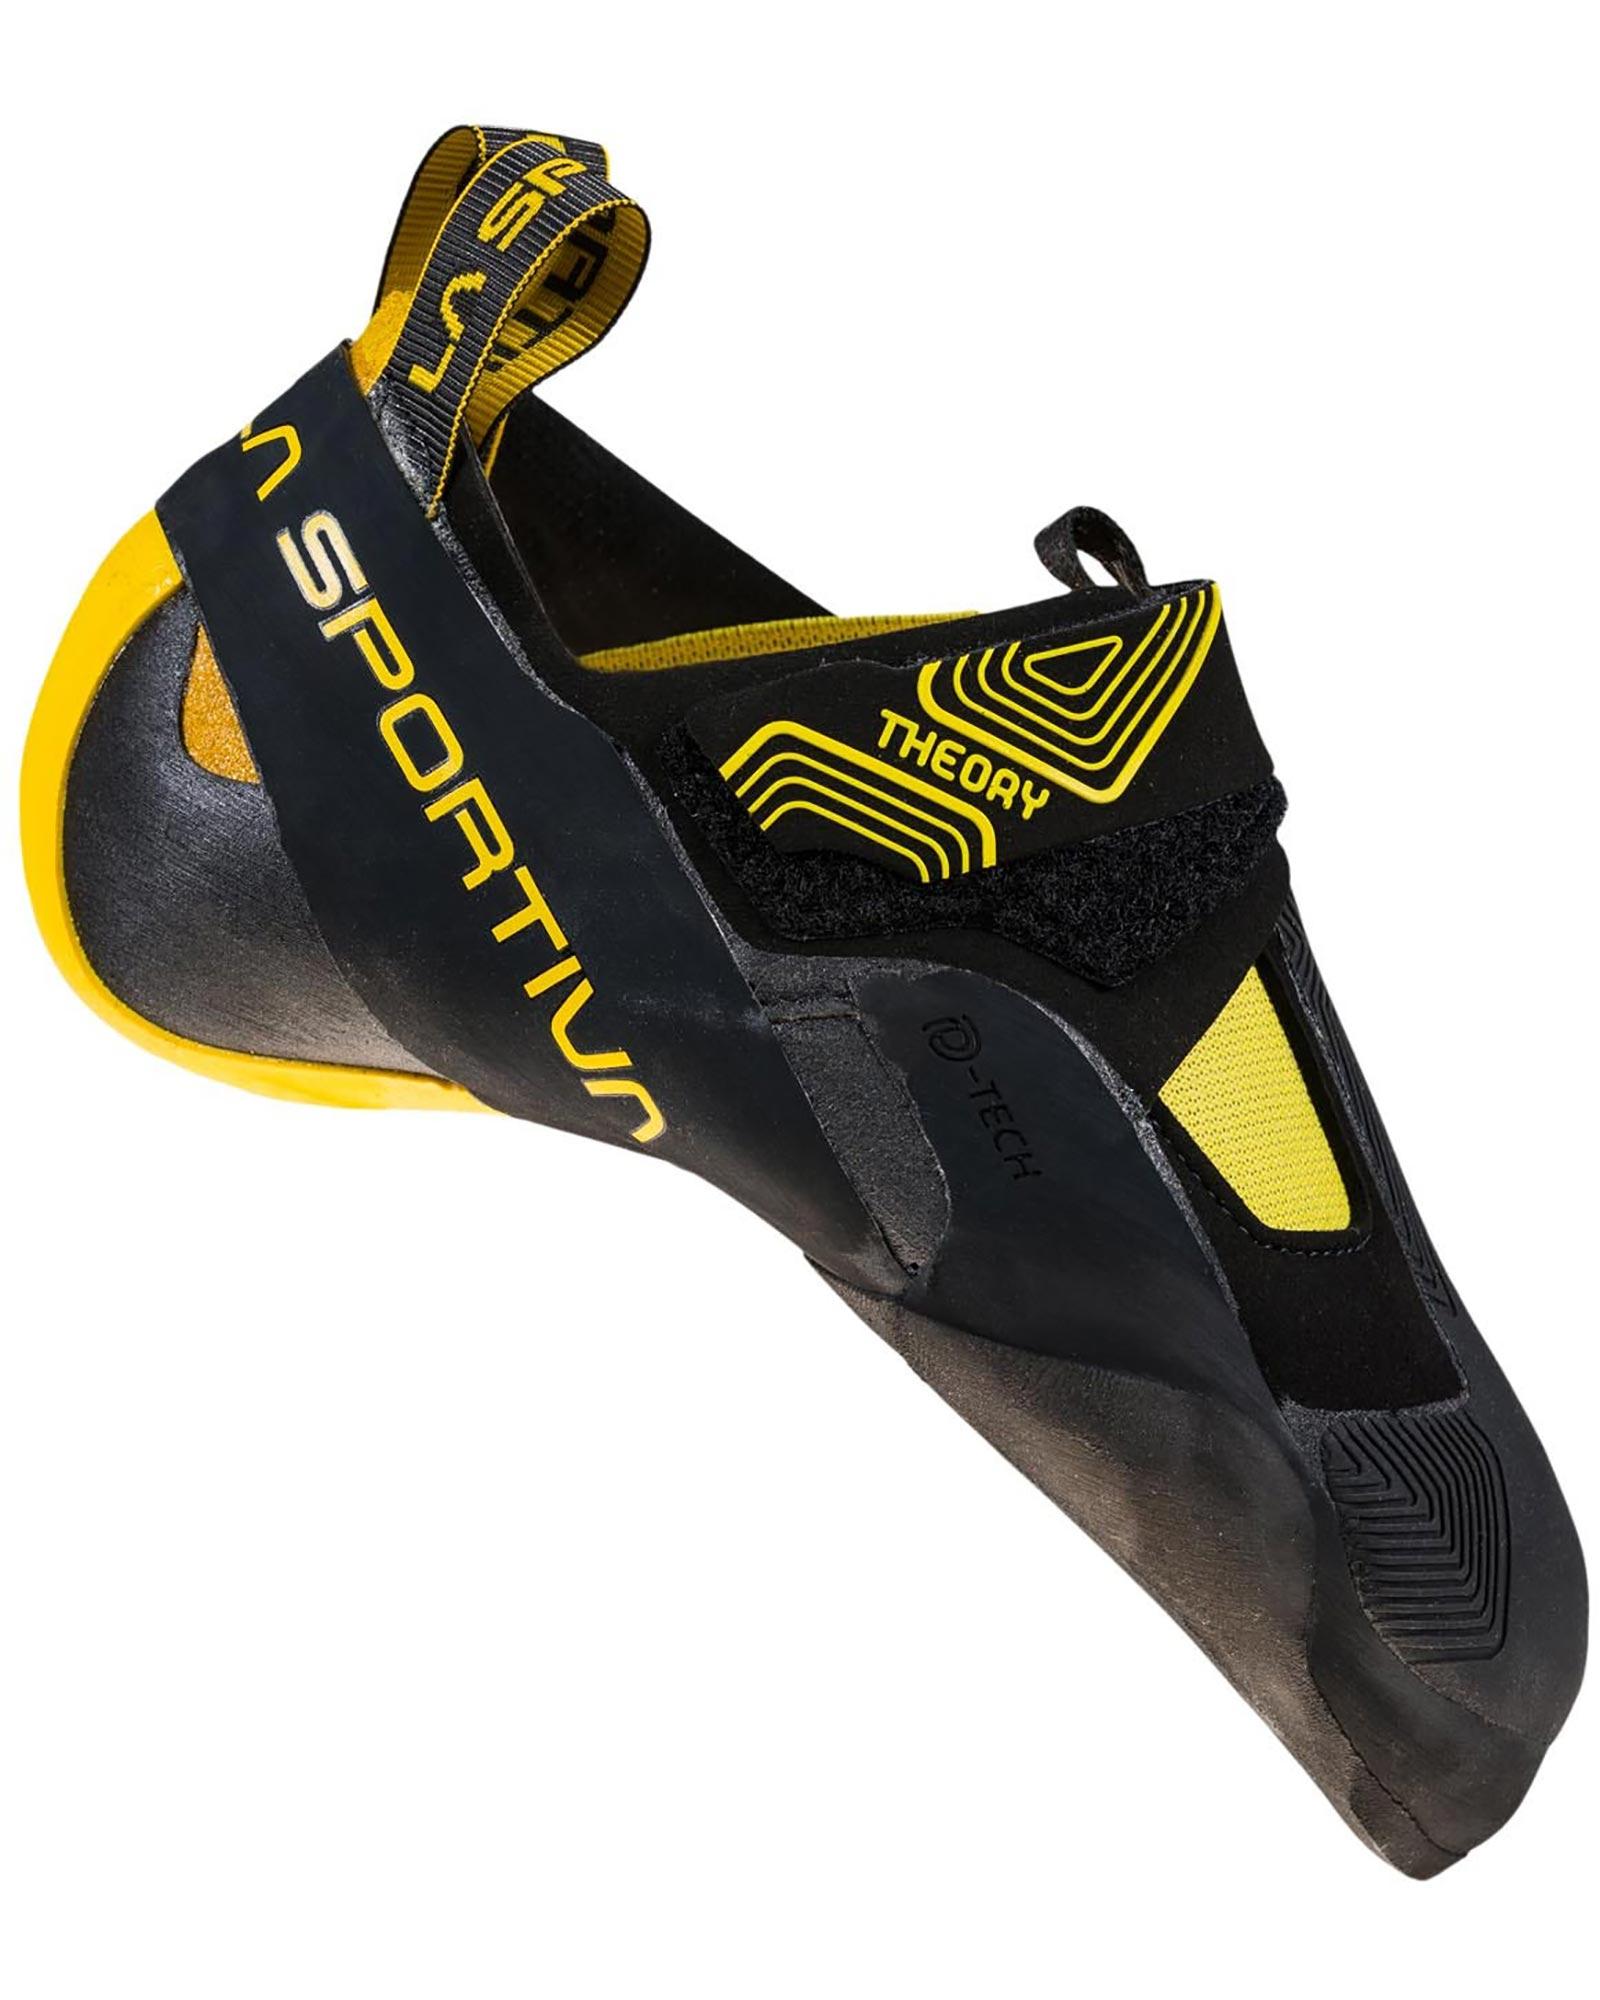 La Sportiva Men's Theory Climbing Shoes 0